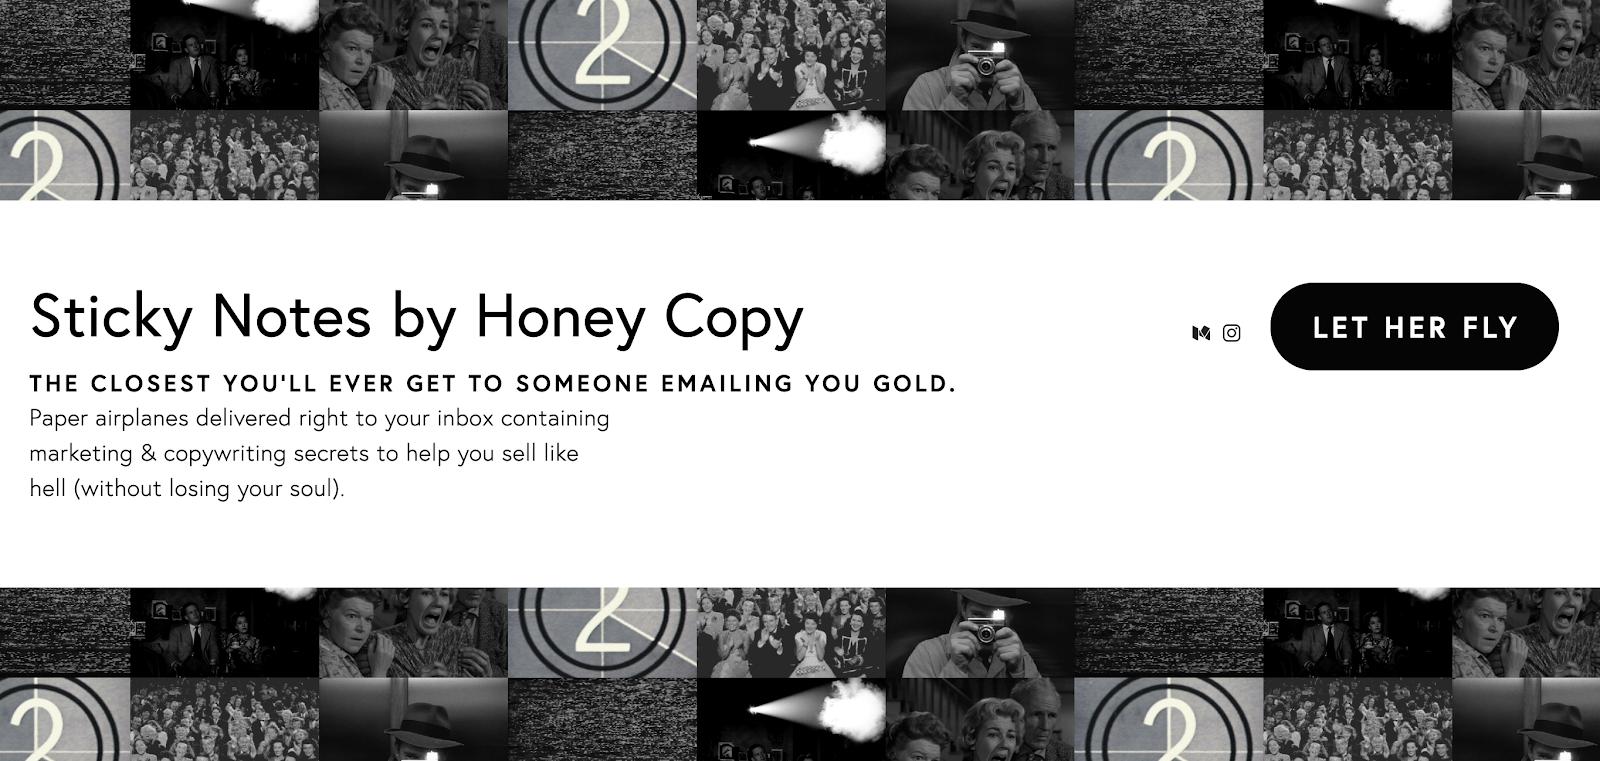 Sticky notes by Honey Copy